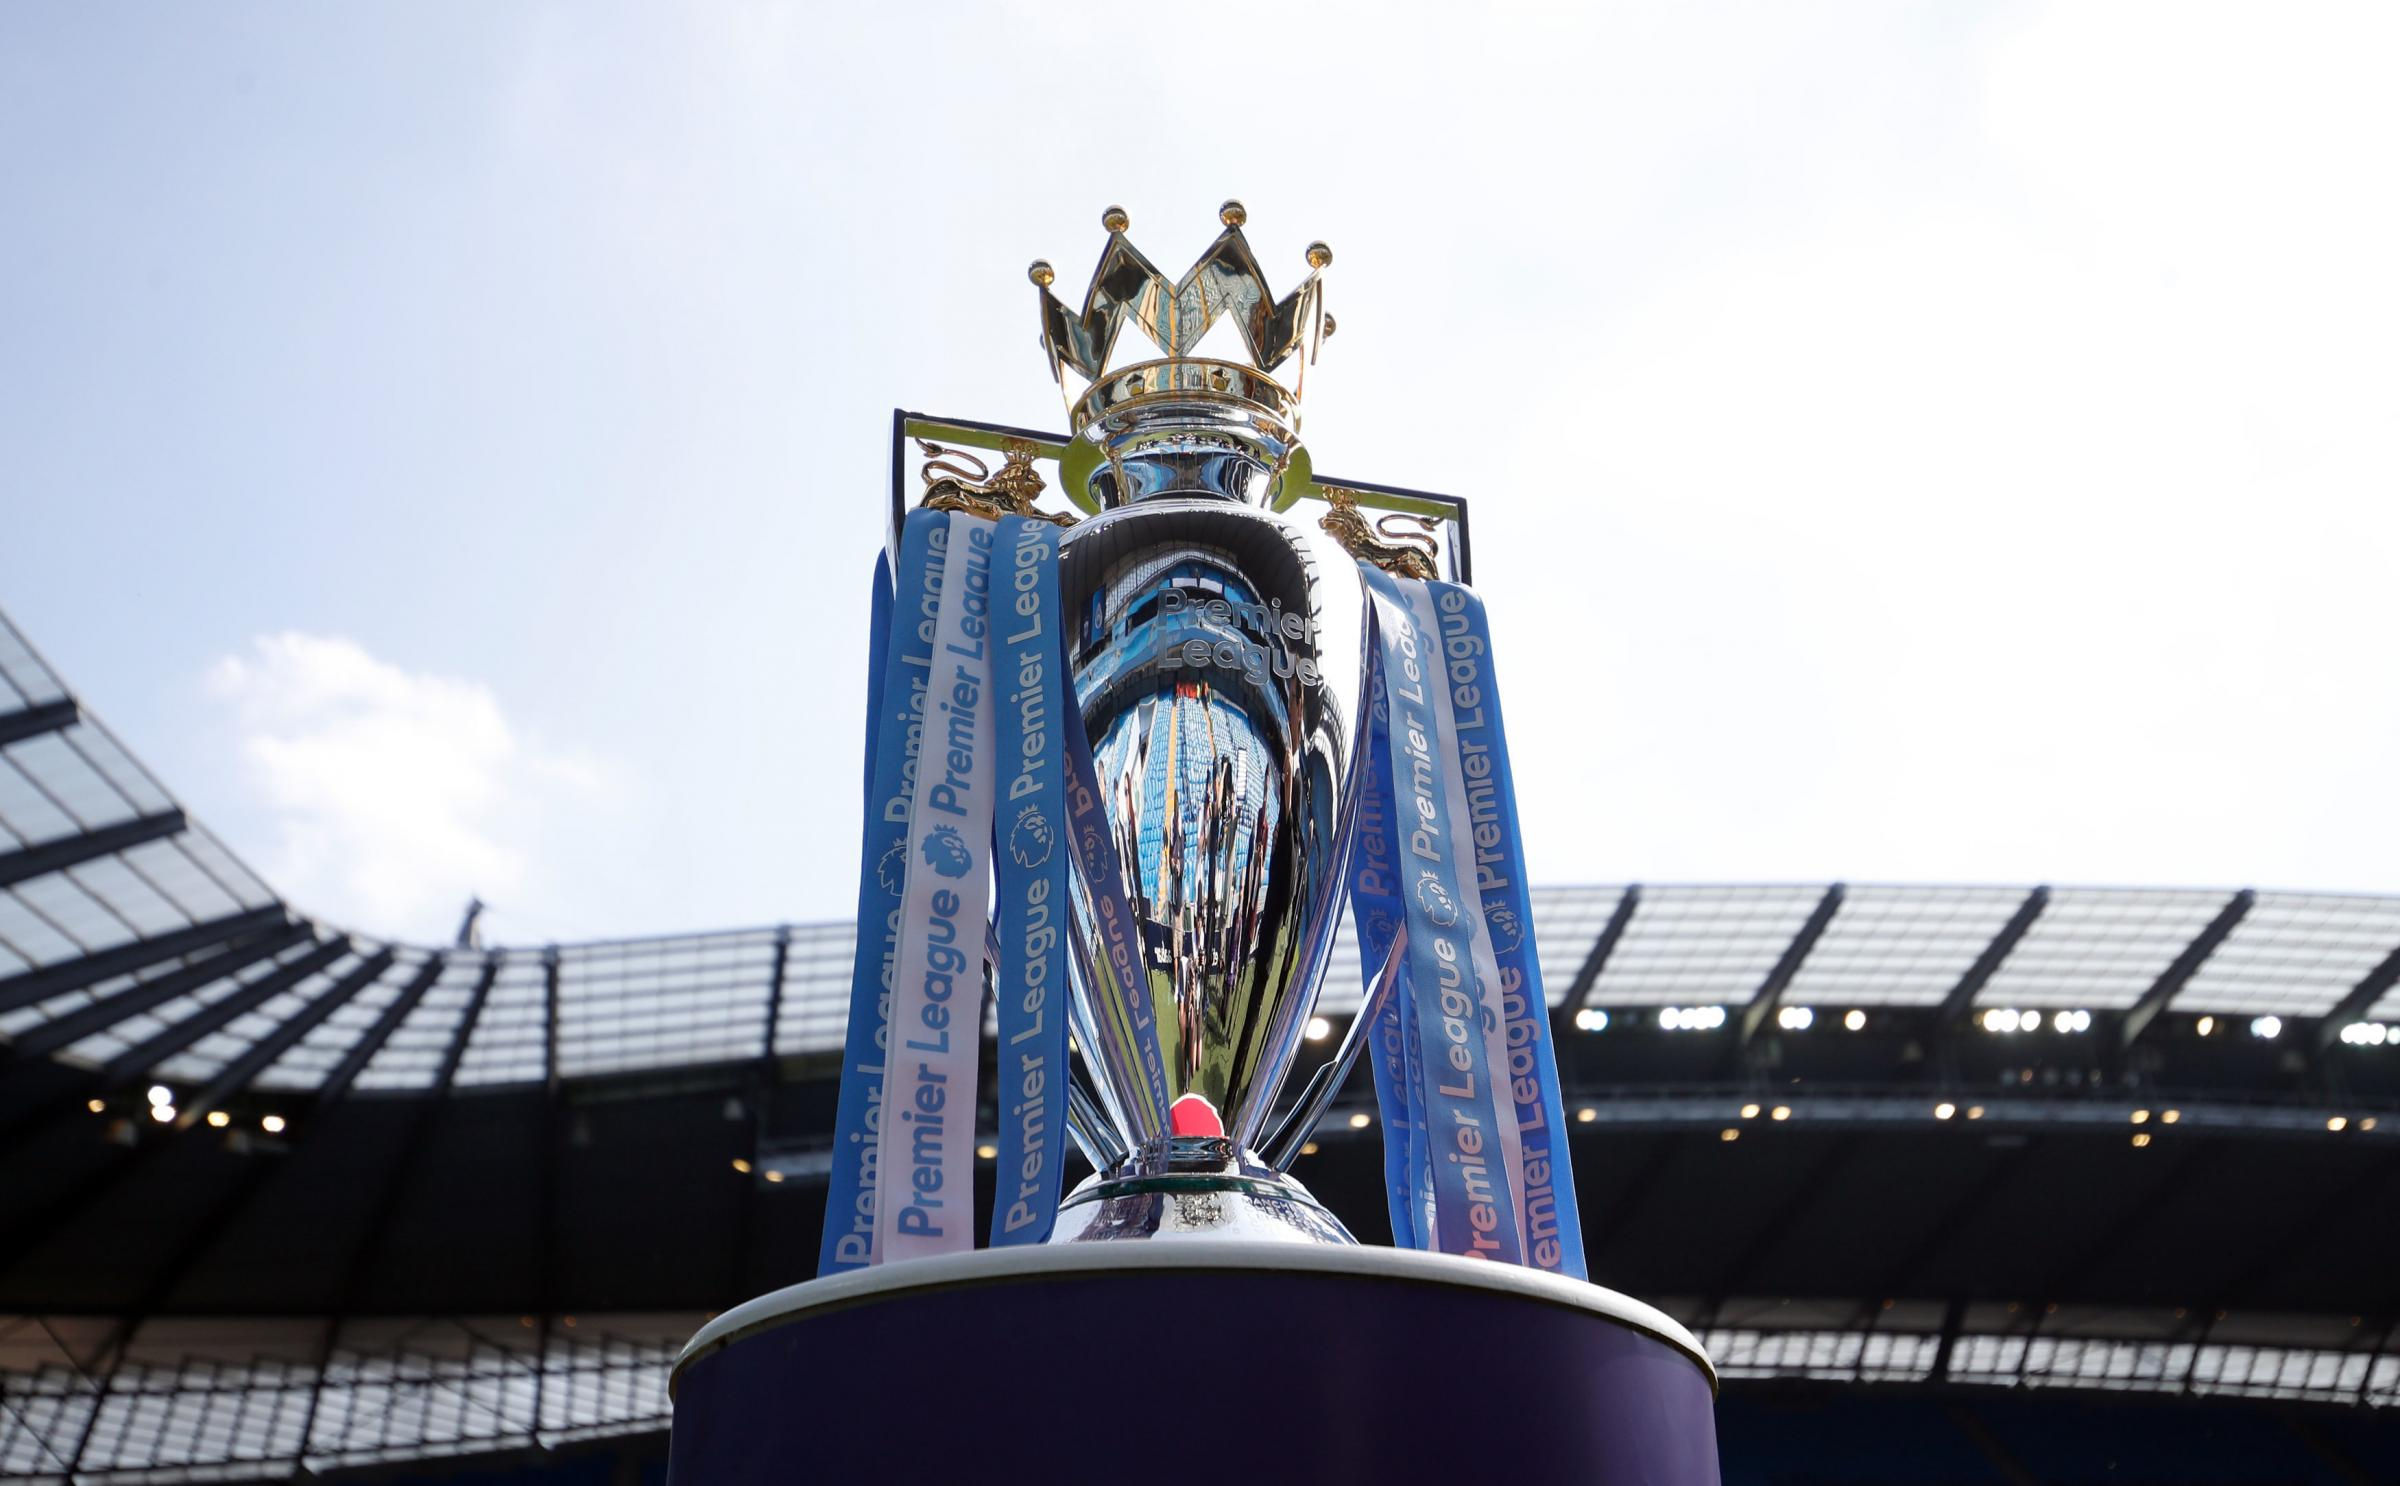 Premier League to discuss restart dates on Thursday